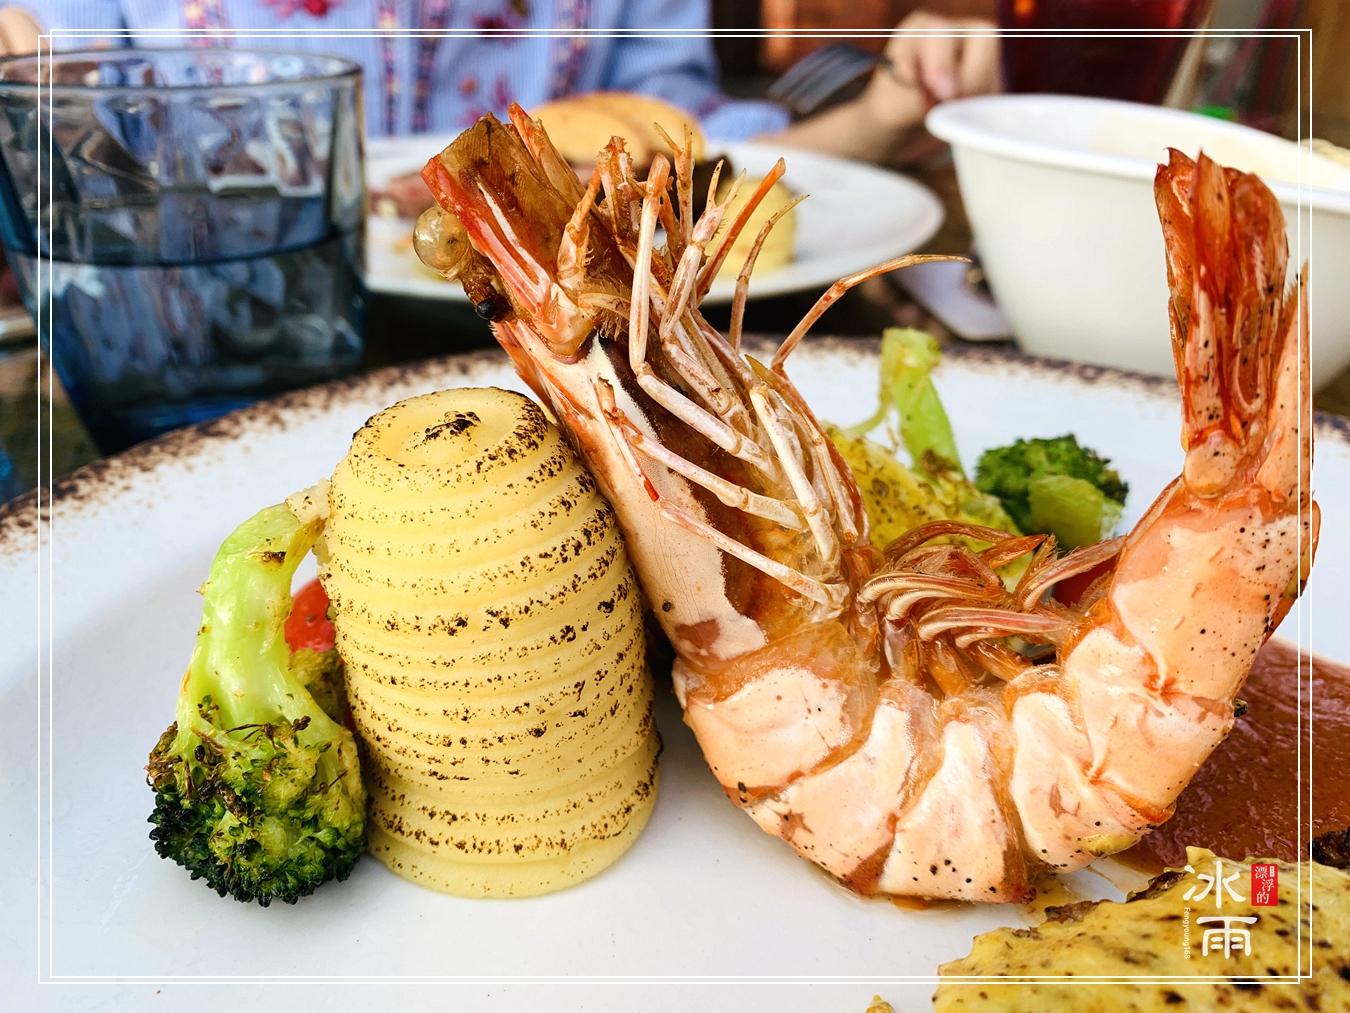 淡水老街上的峇里島風料理餐廳,位在觀音山正對面,風景的角度極佳。